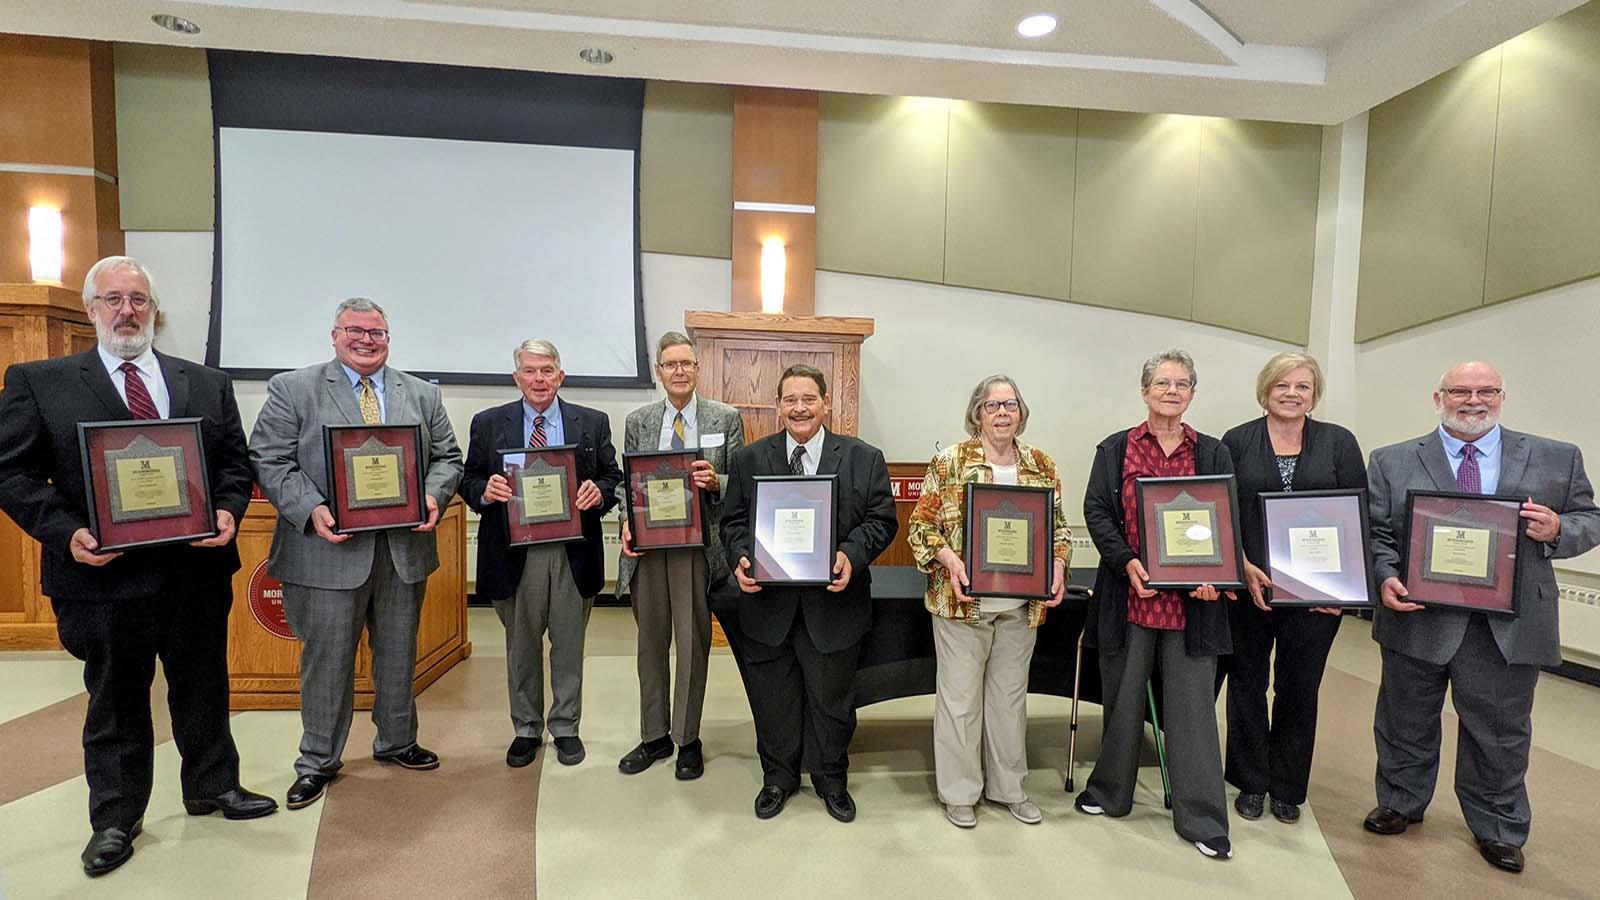 2020 and 2021 CODA recipients